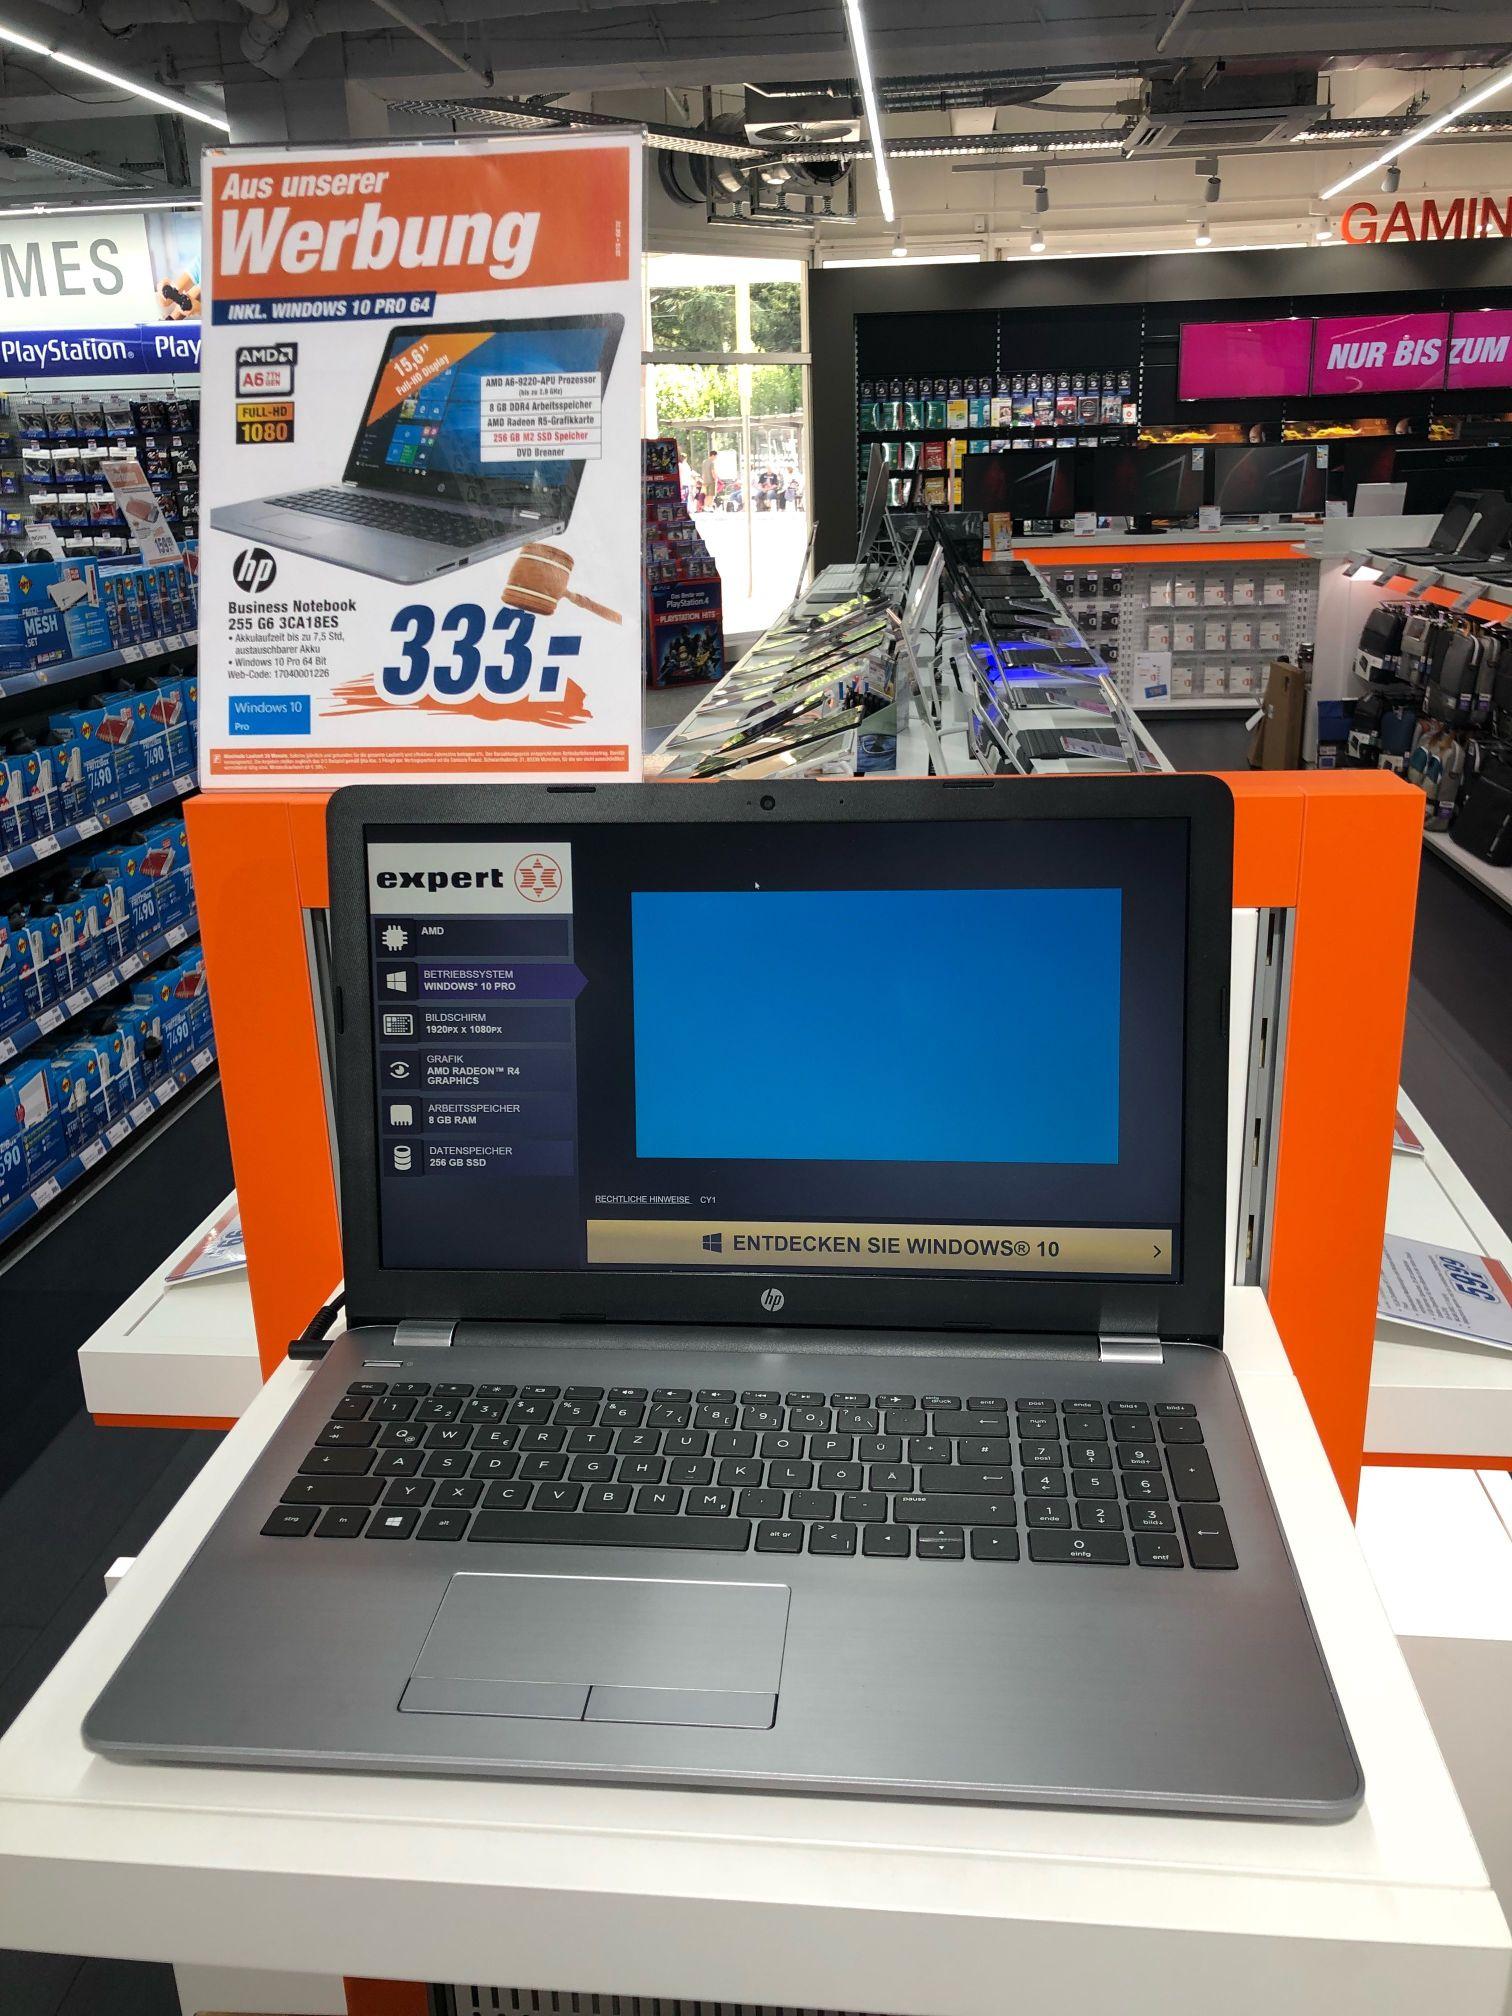 Expert HP 255 G6 Business Notebook 333€ Inkl SSD und Laufwerk